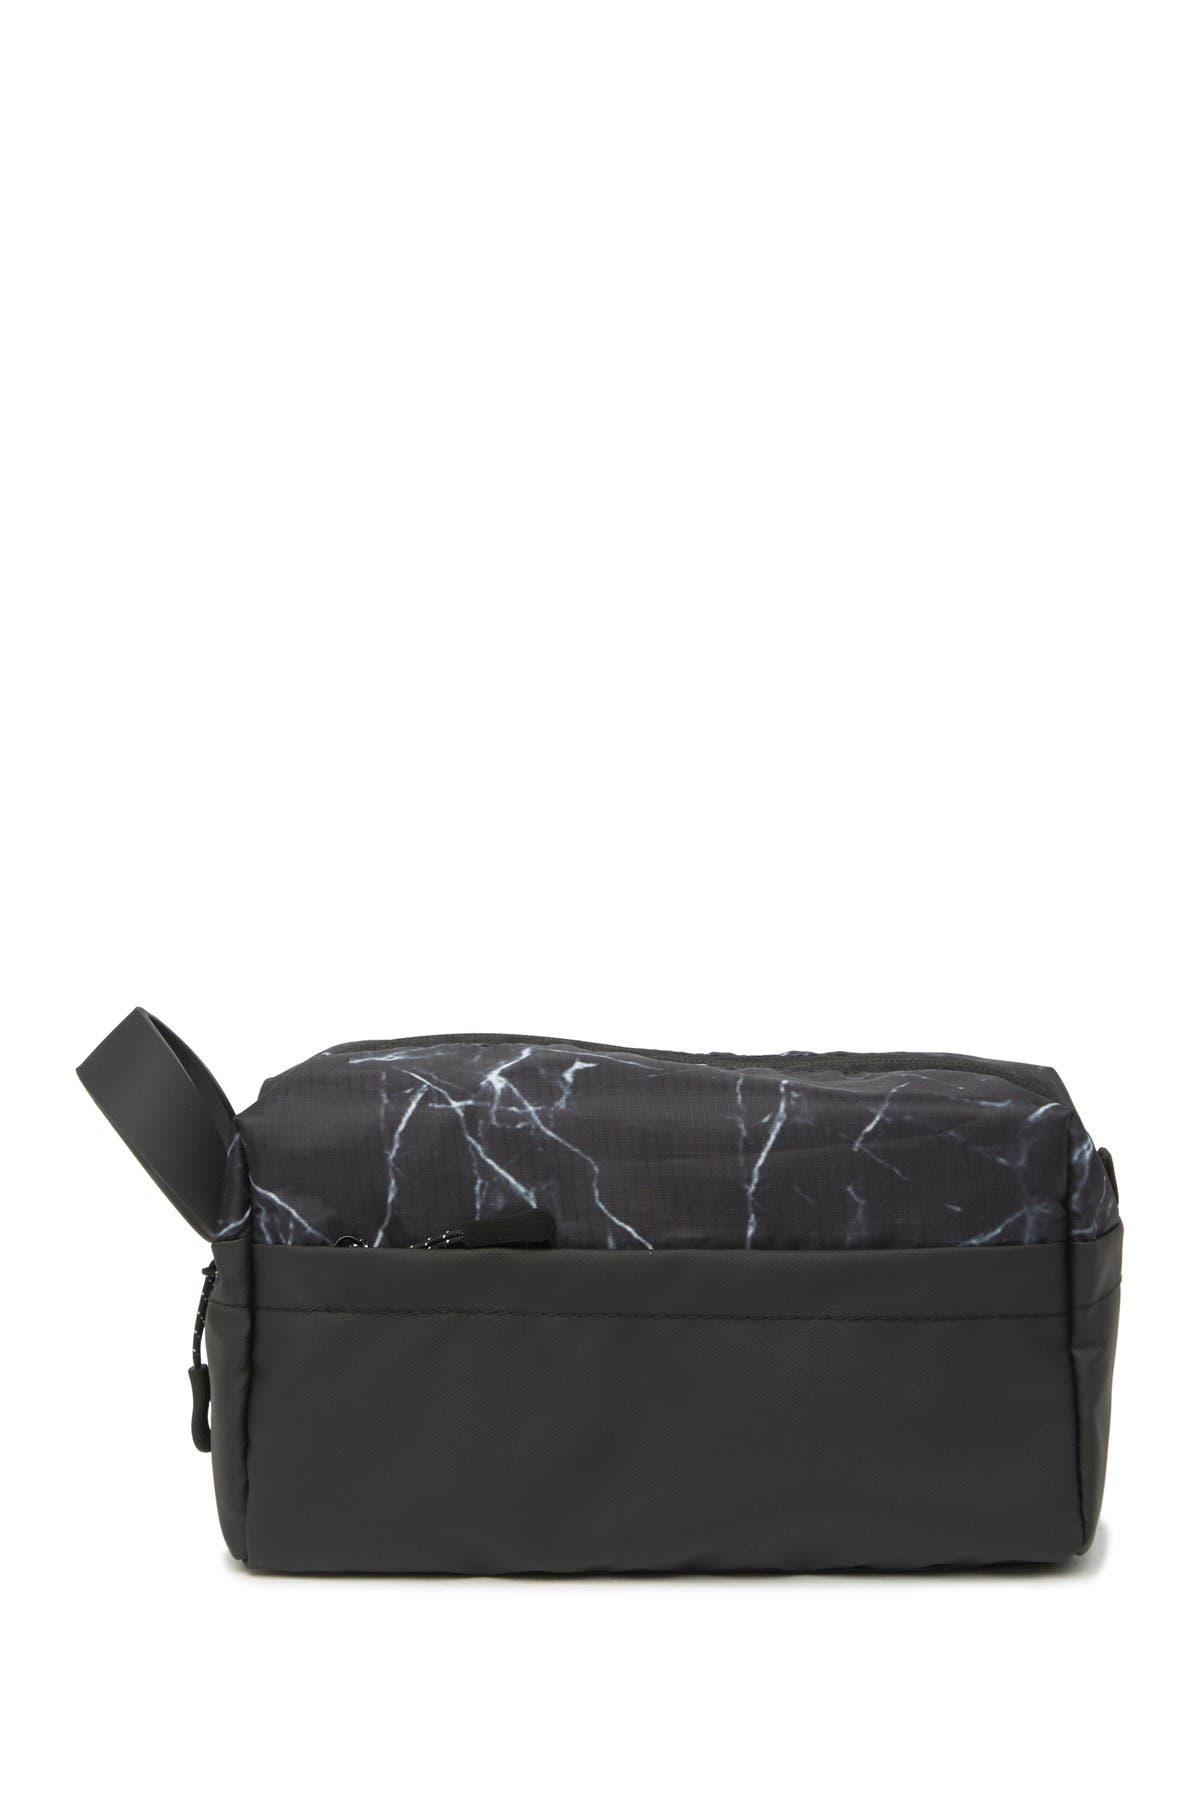 Image of Bespoke Black Marble Modern Travel Valet Kit